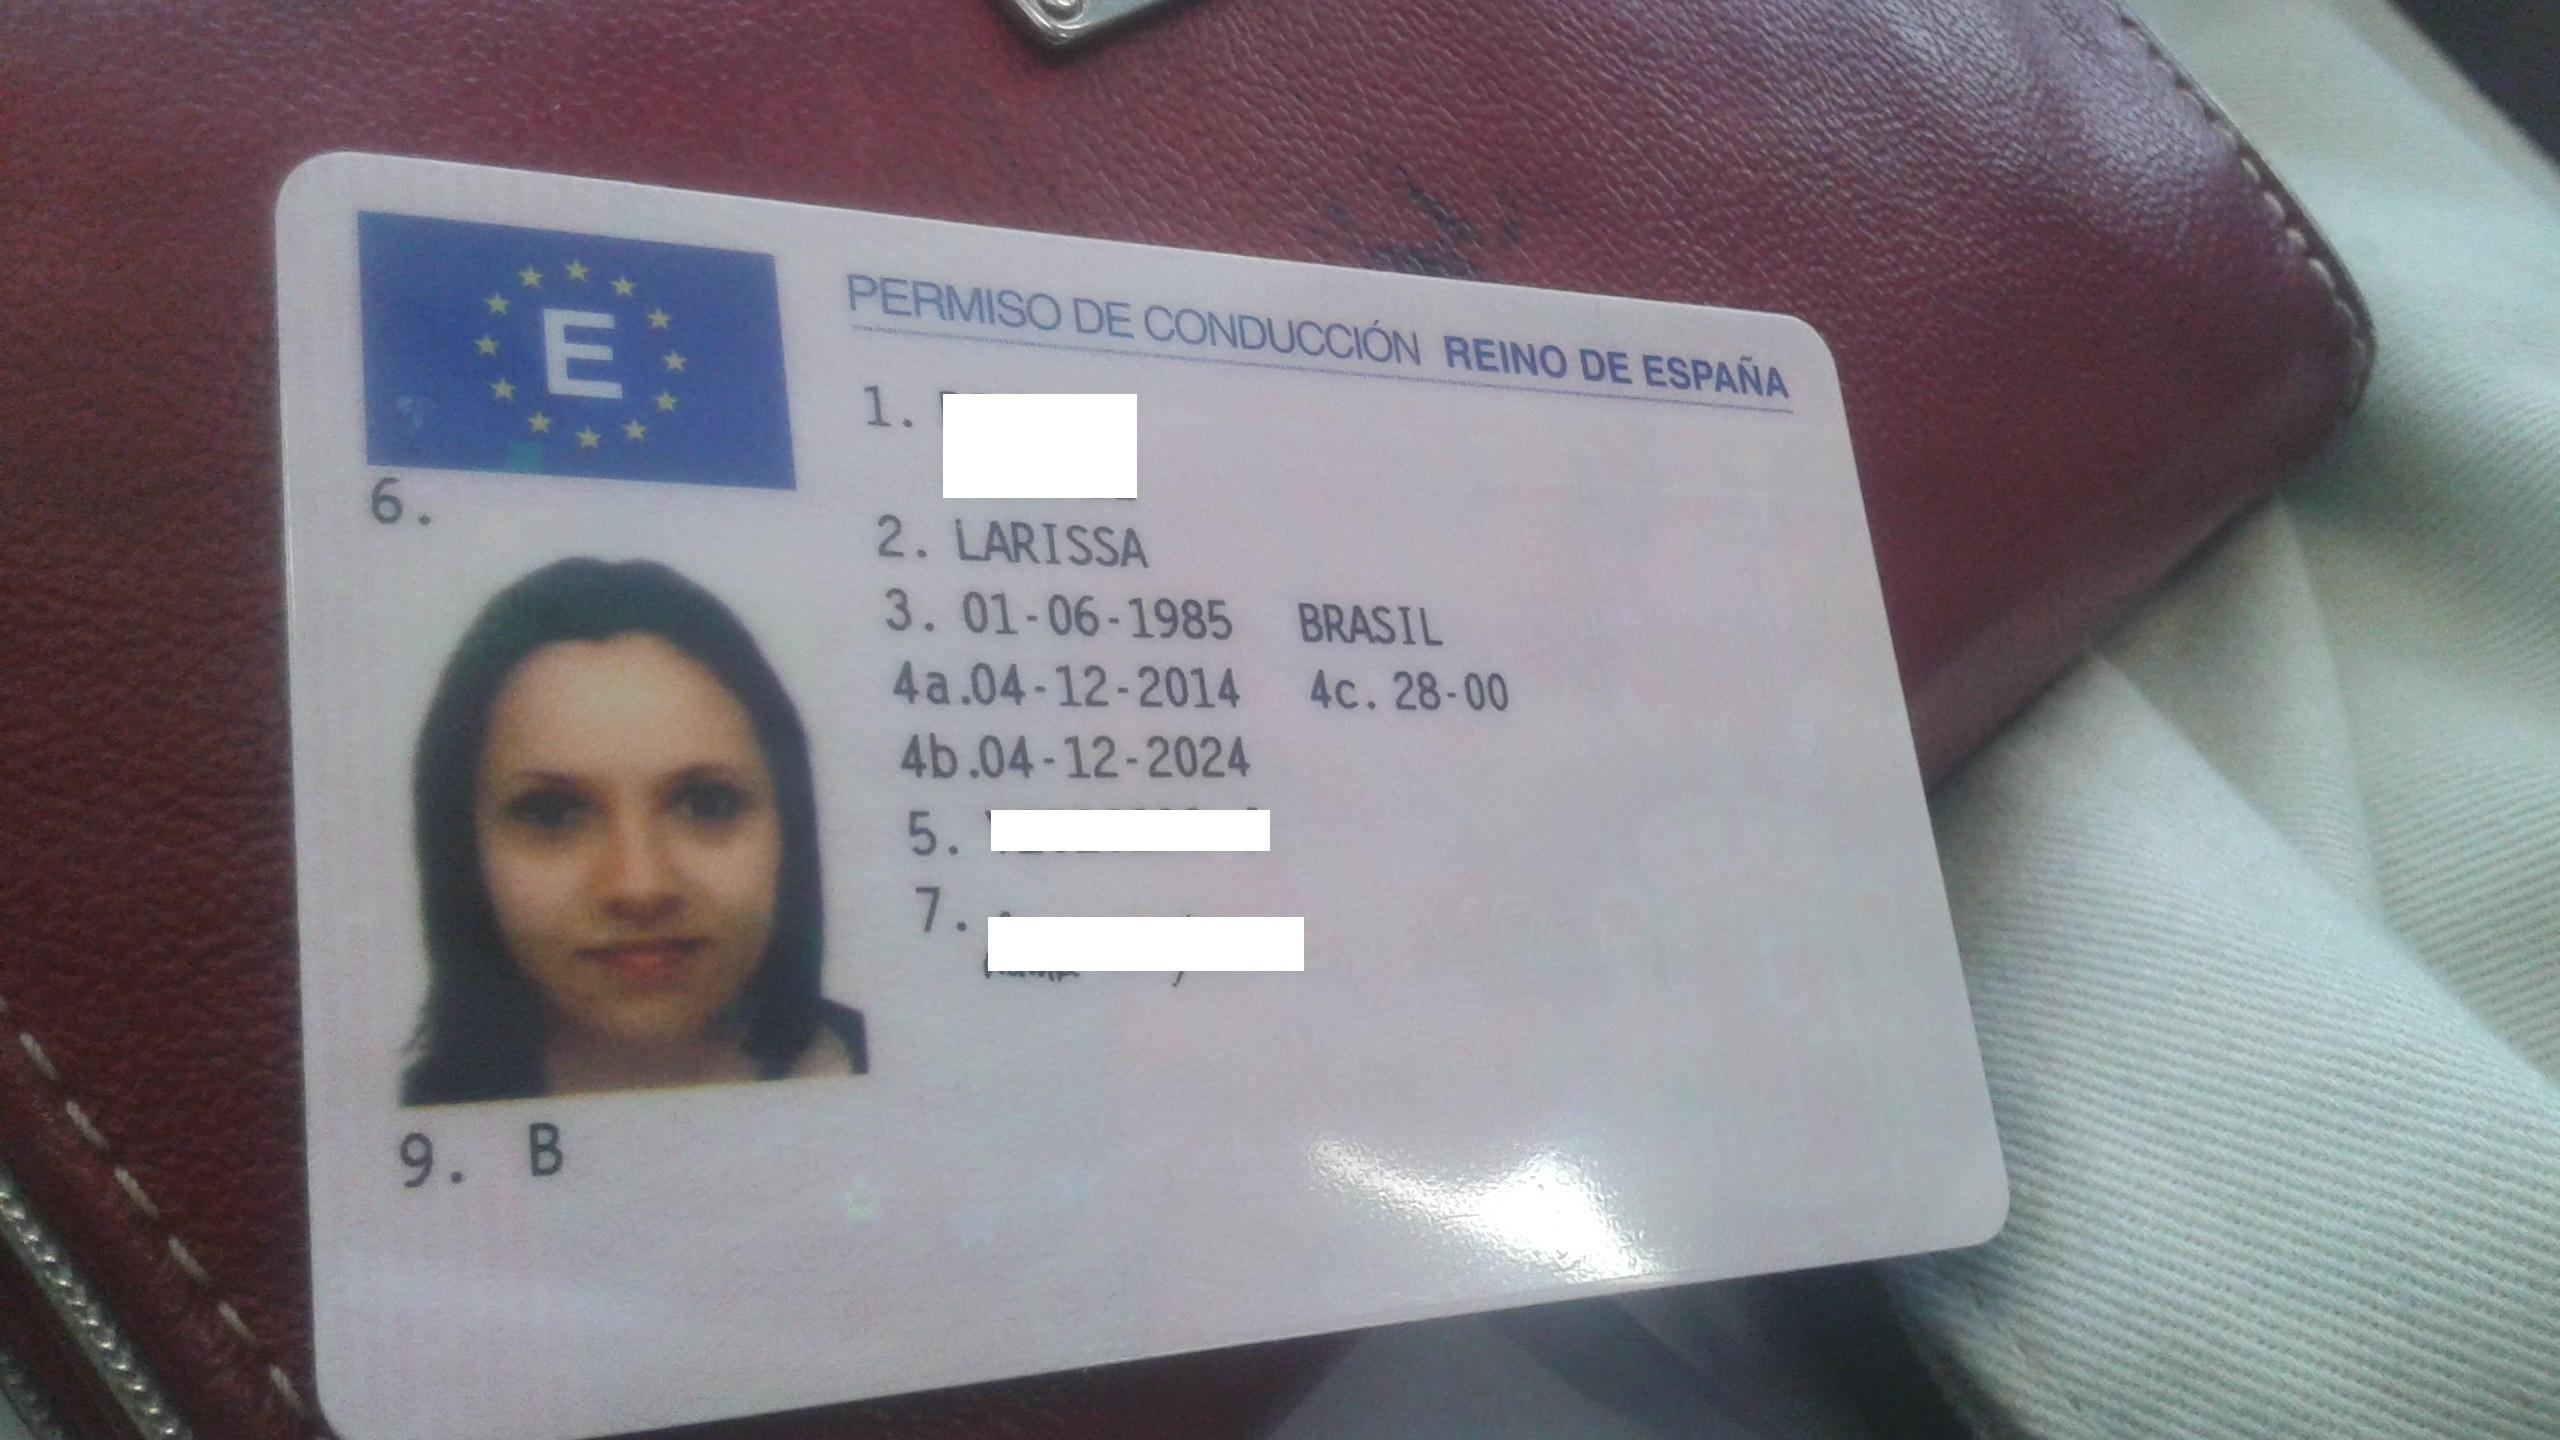 Minha carteira de motorista espanhola